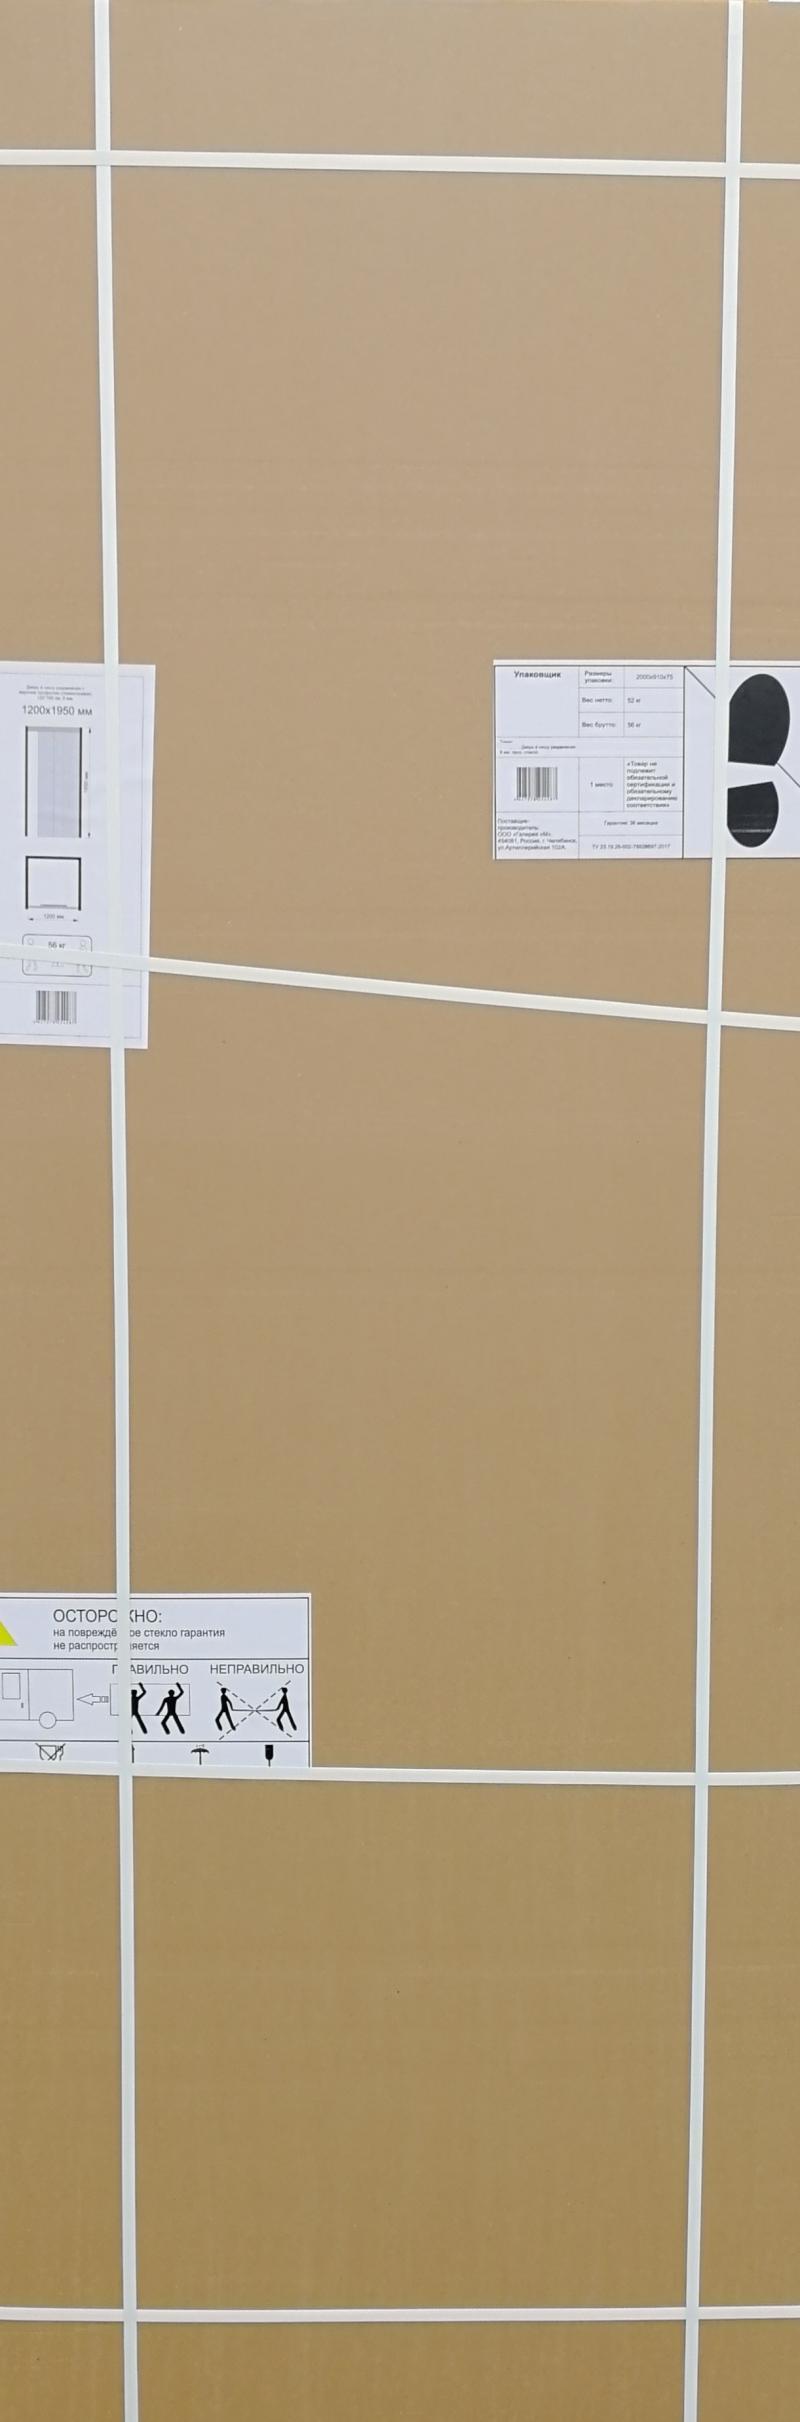 Панель боковая для моделей «Классик», «Комфорт», диапазон регулировки ширины 80-90 см, высота 195 см